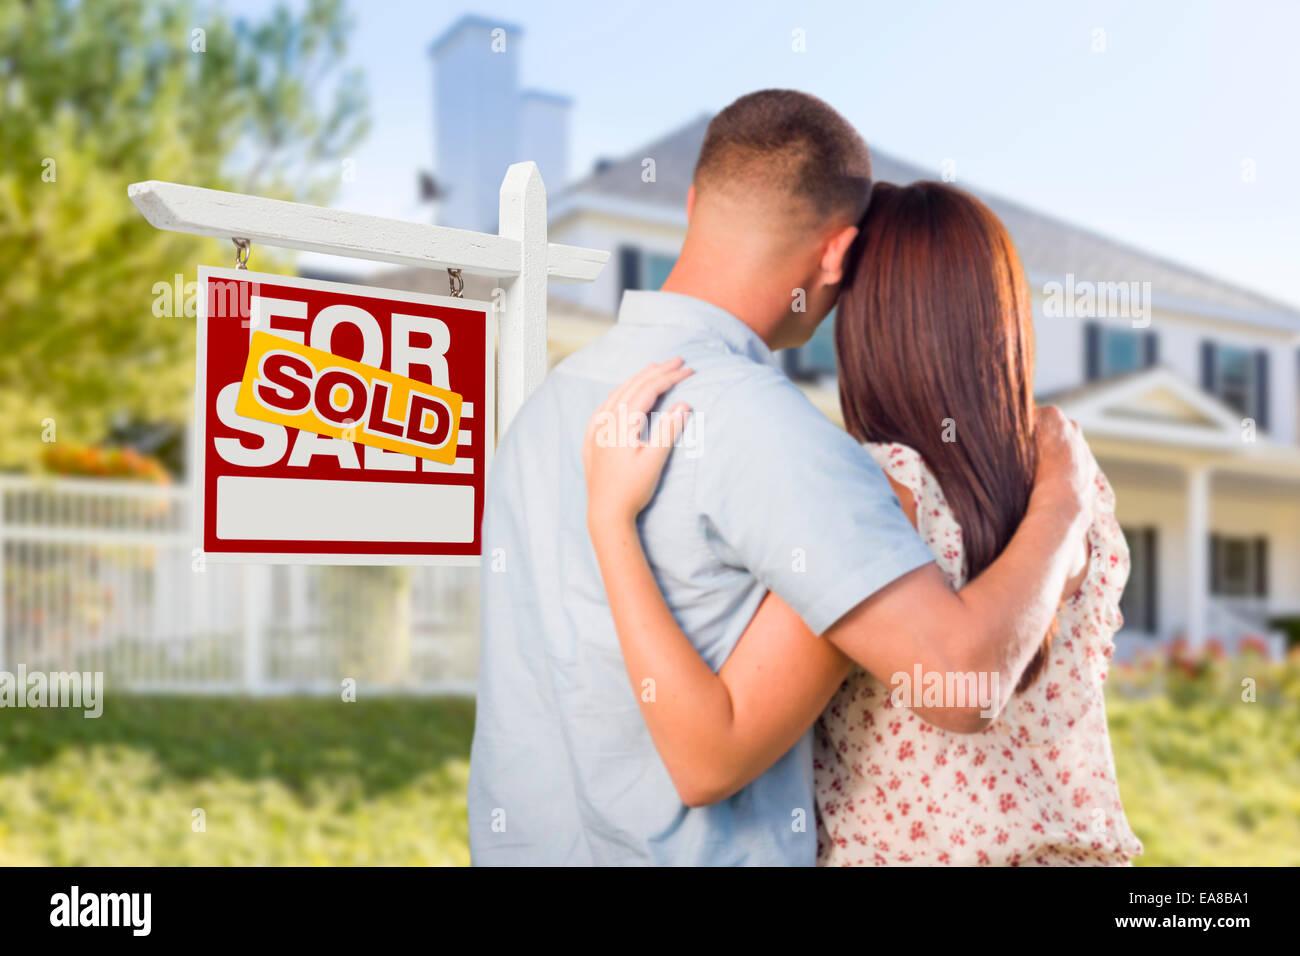 Für Immobilien Verkaufsschild und liebevolle militärische paar Blick auf schöne neue Haus verkauft. Stockbild